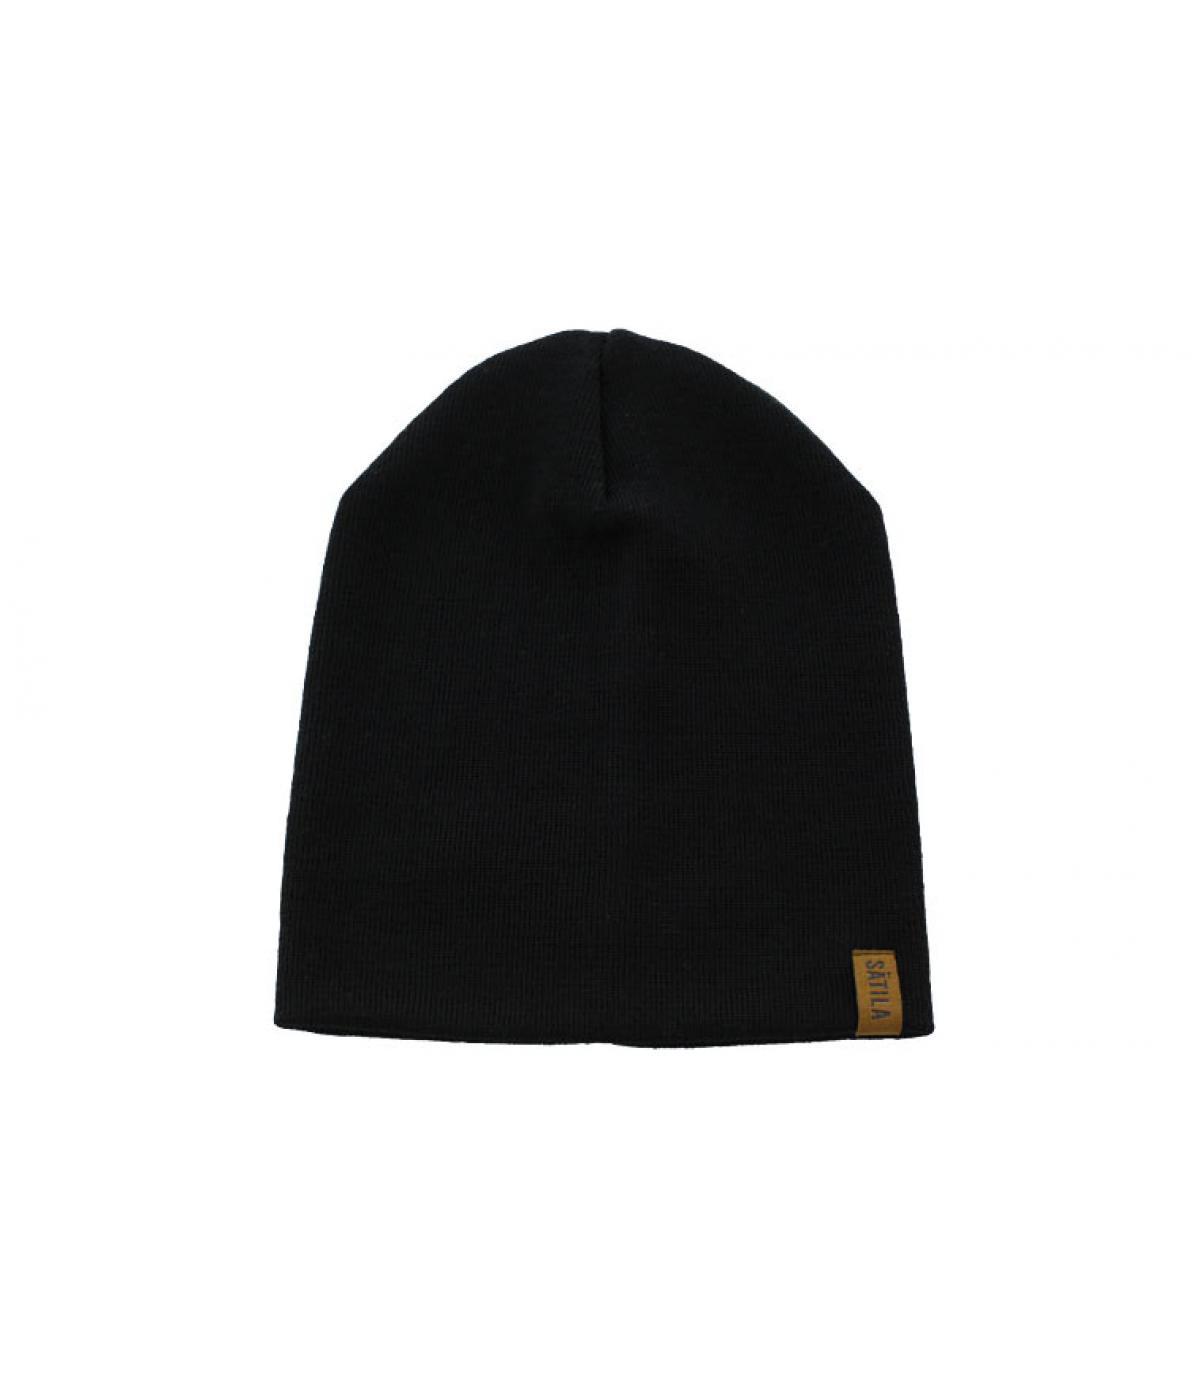 Details S.F schwarze Damenmütze - Abbildung 3